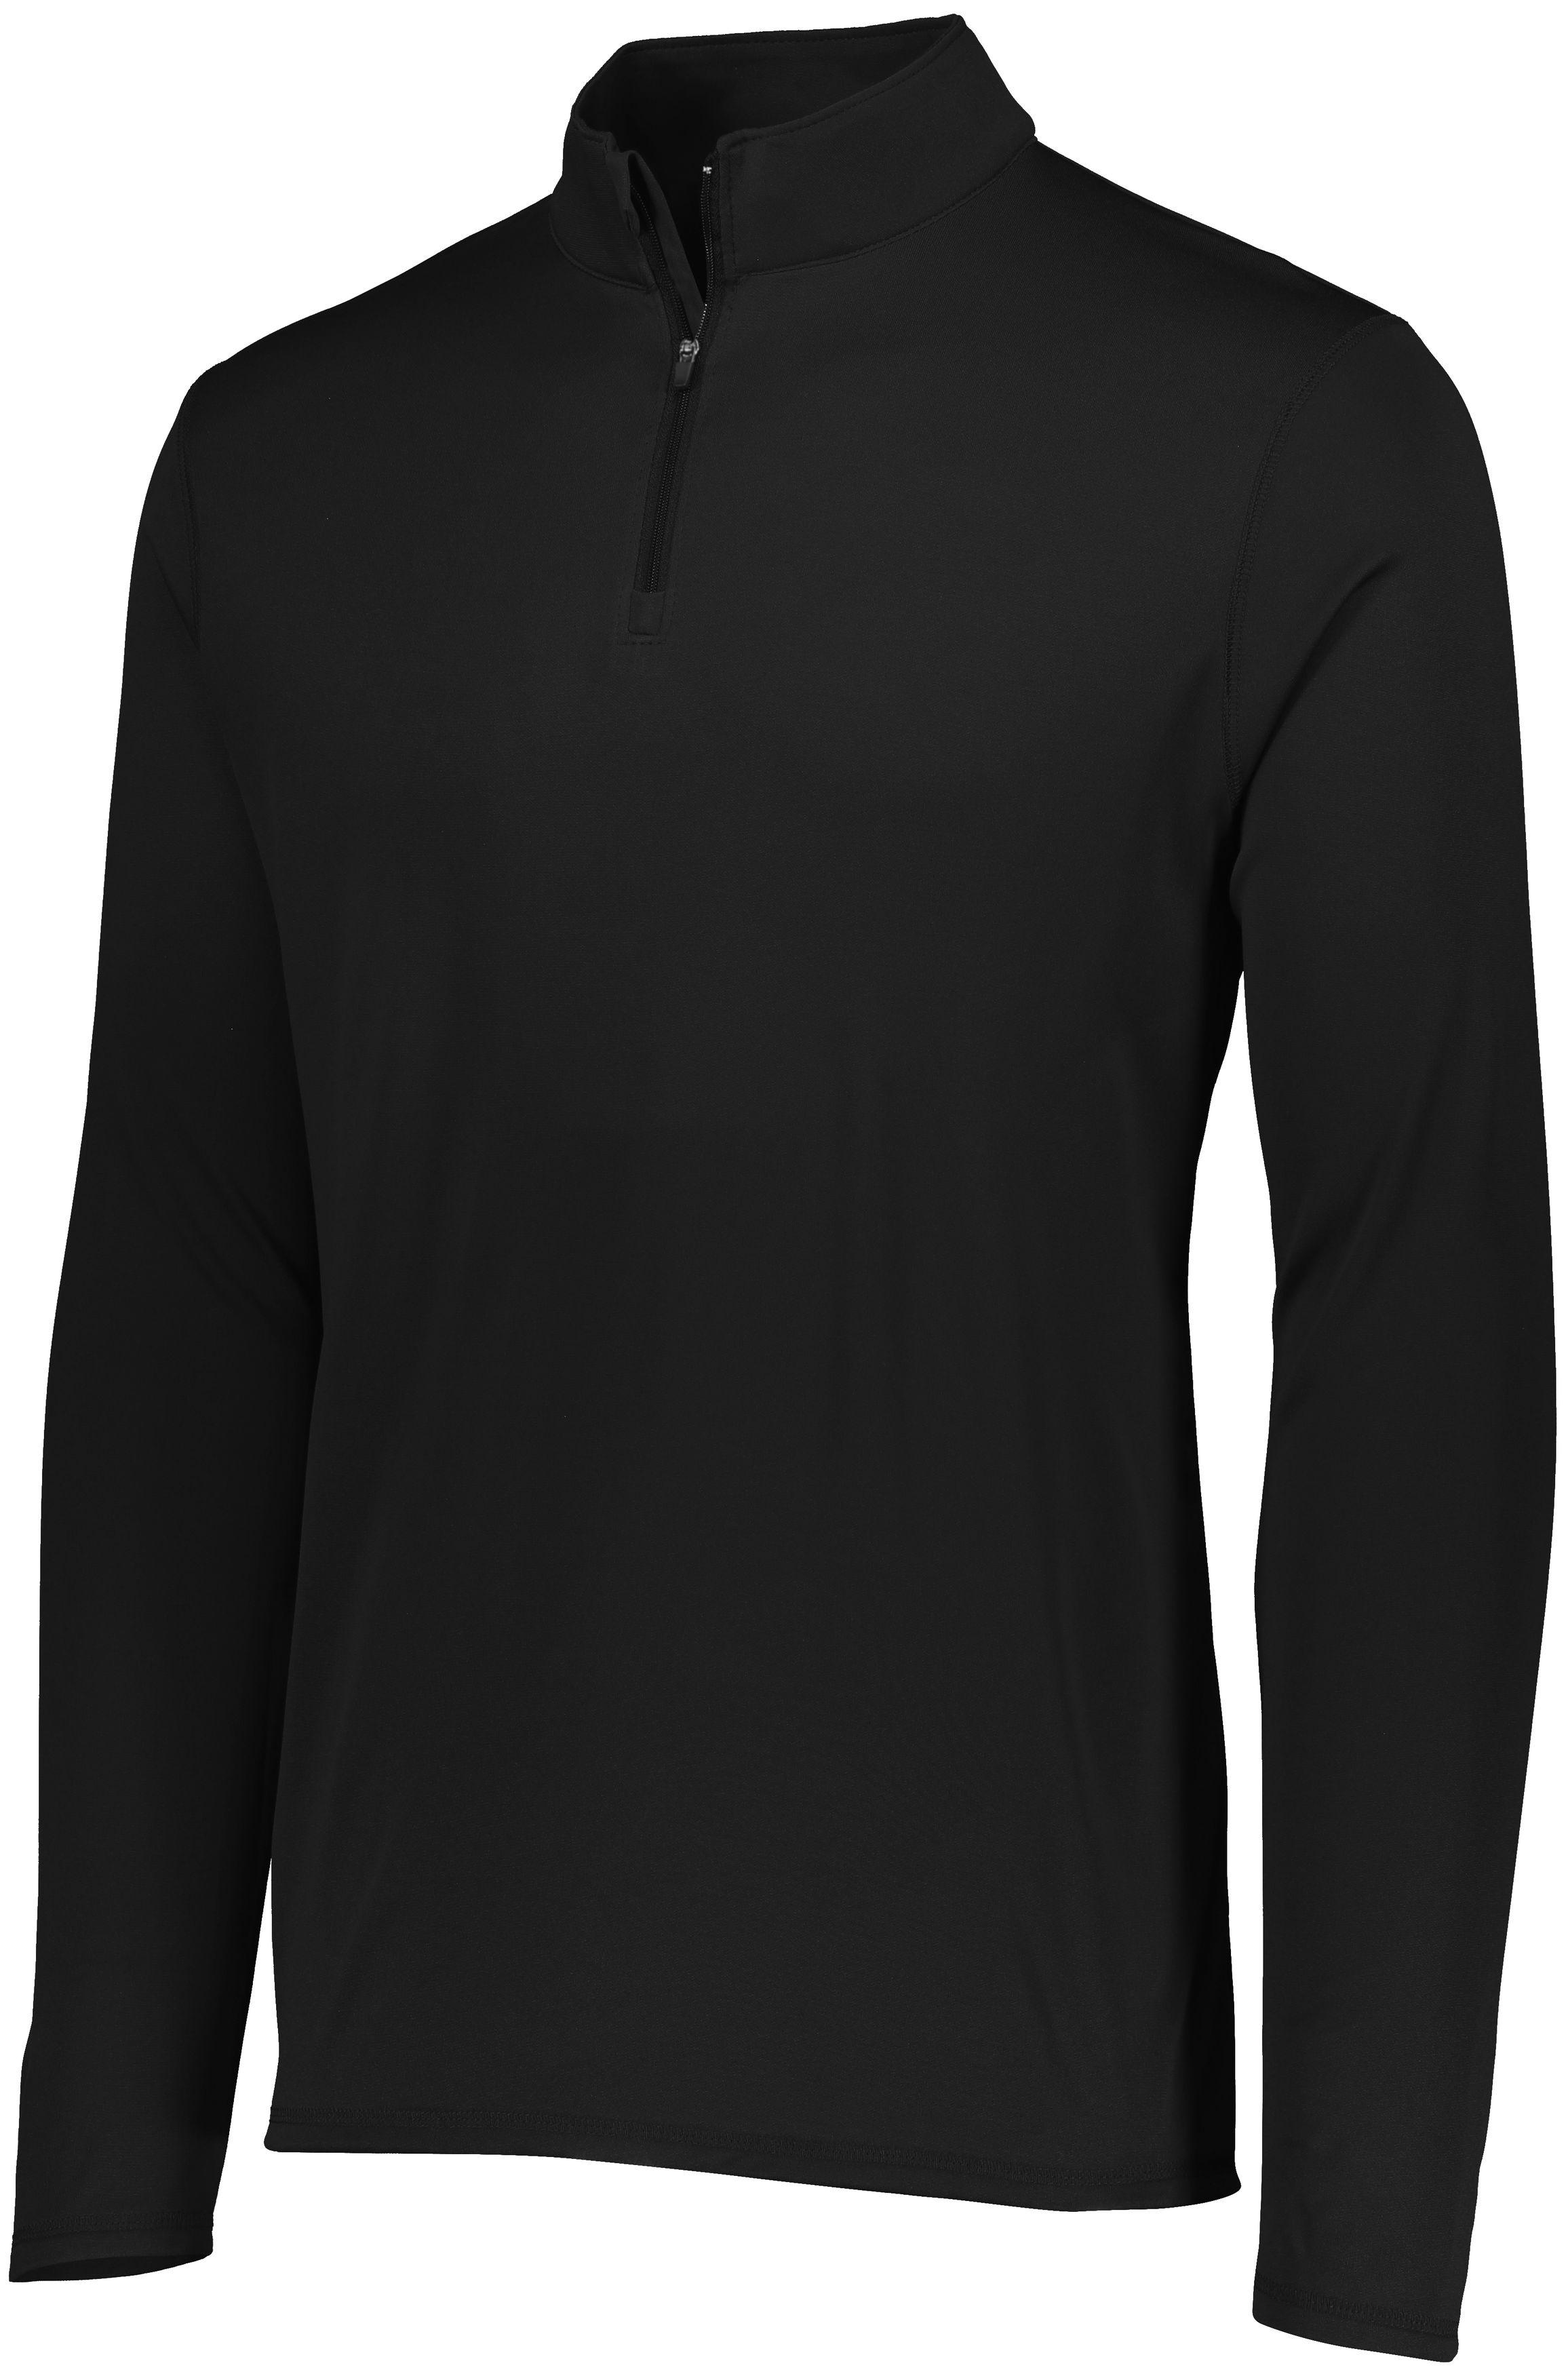 Attain Wicking 1/4 Zip Pullover - BLACK